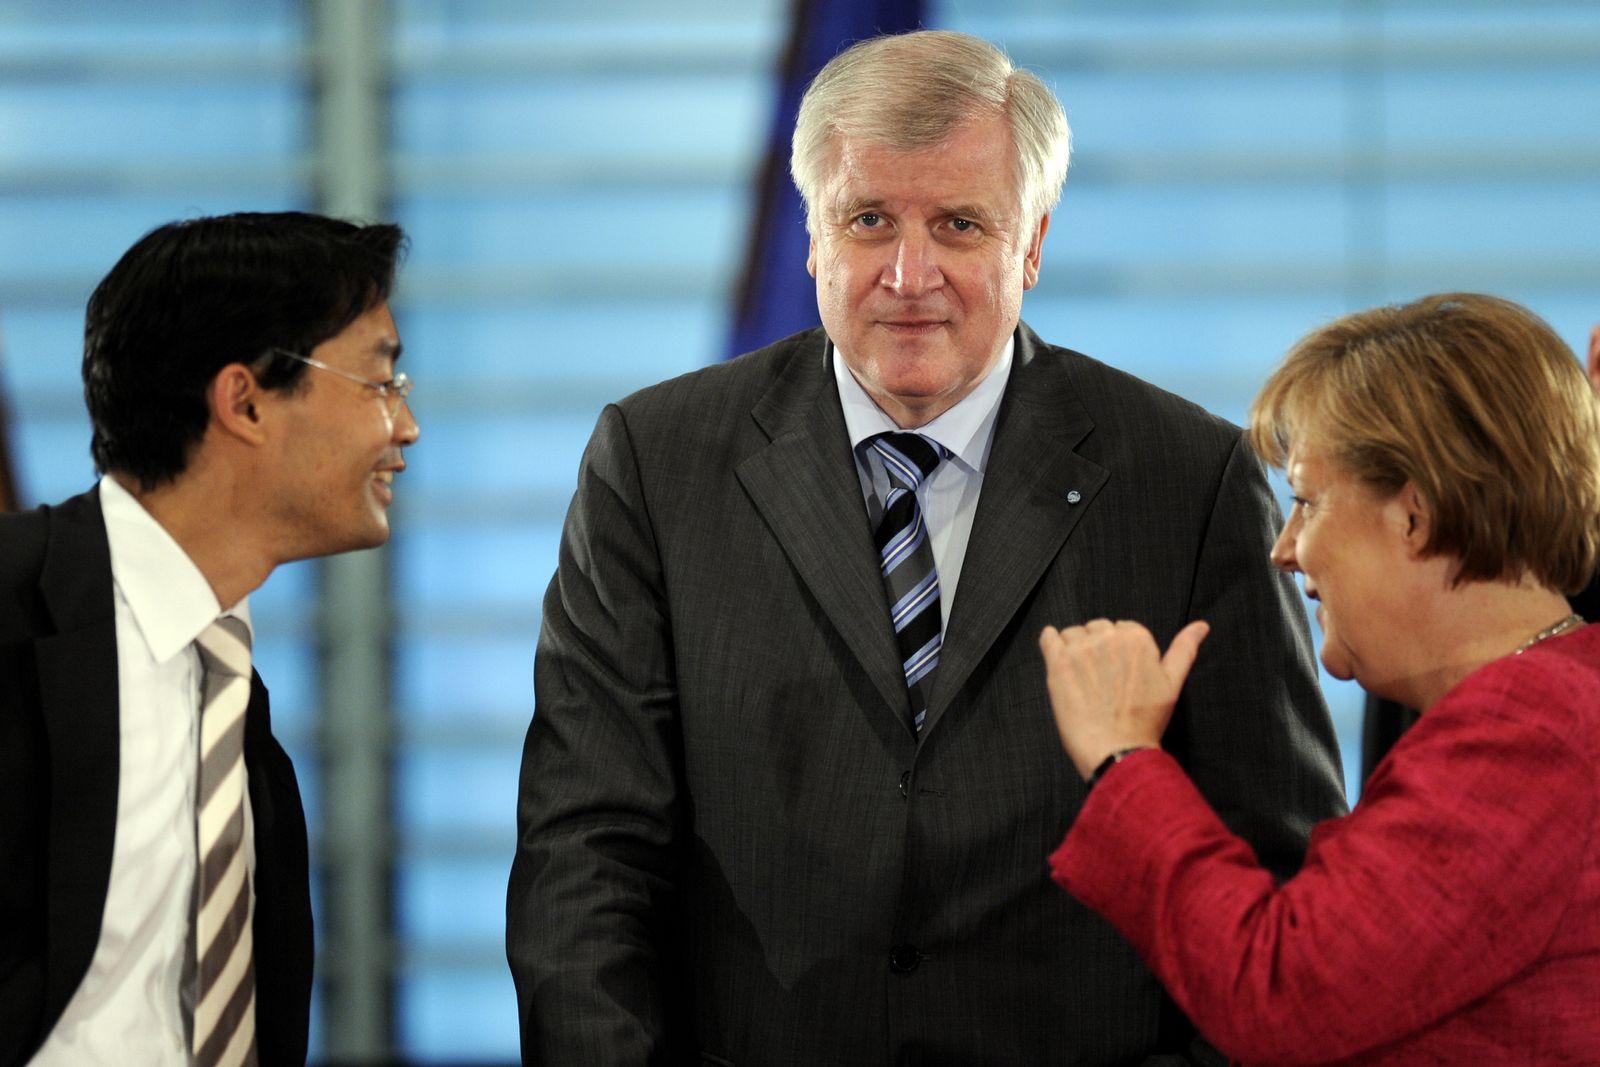 NICHT VERWENDEN Rösler, Seehofer, Merkel